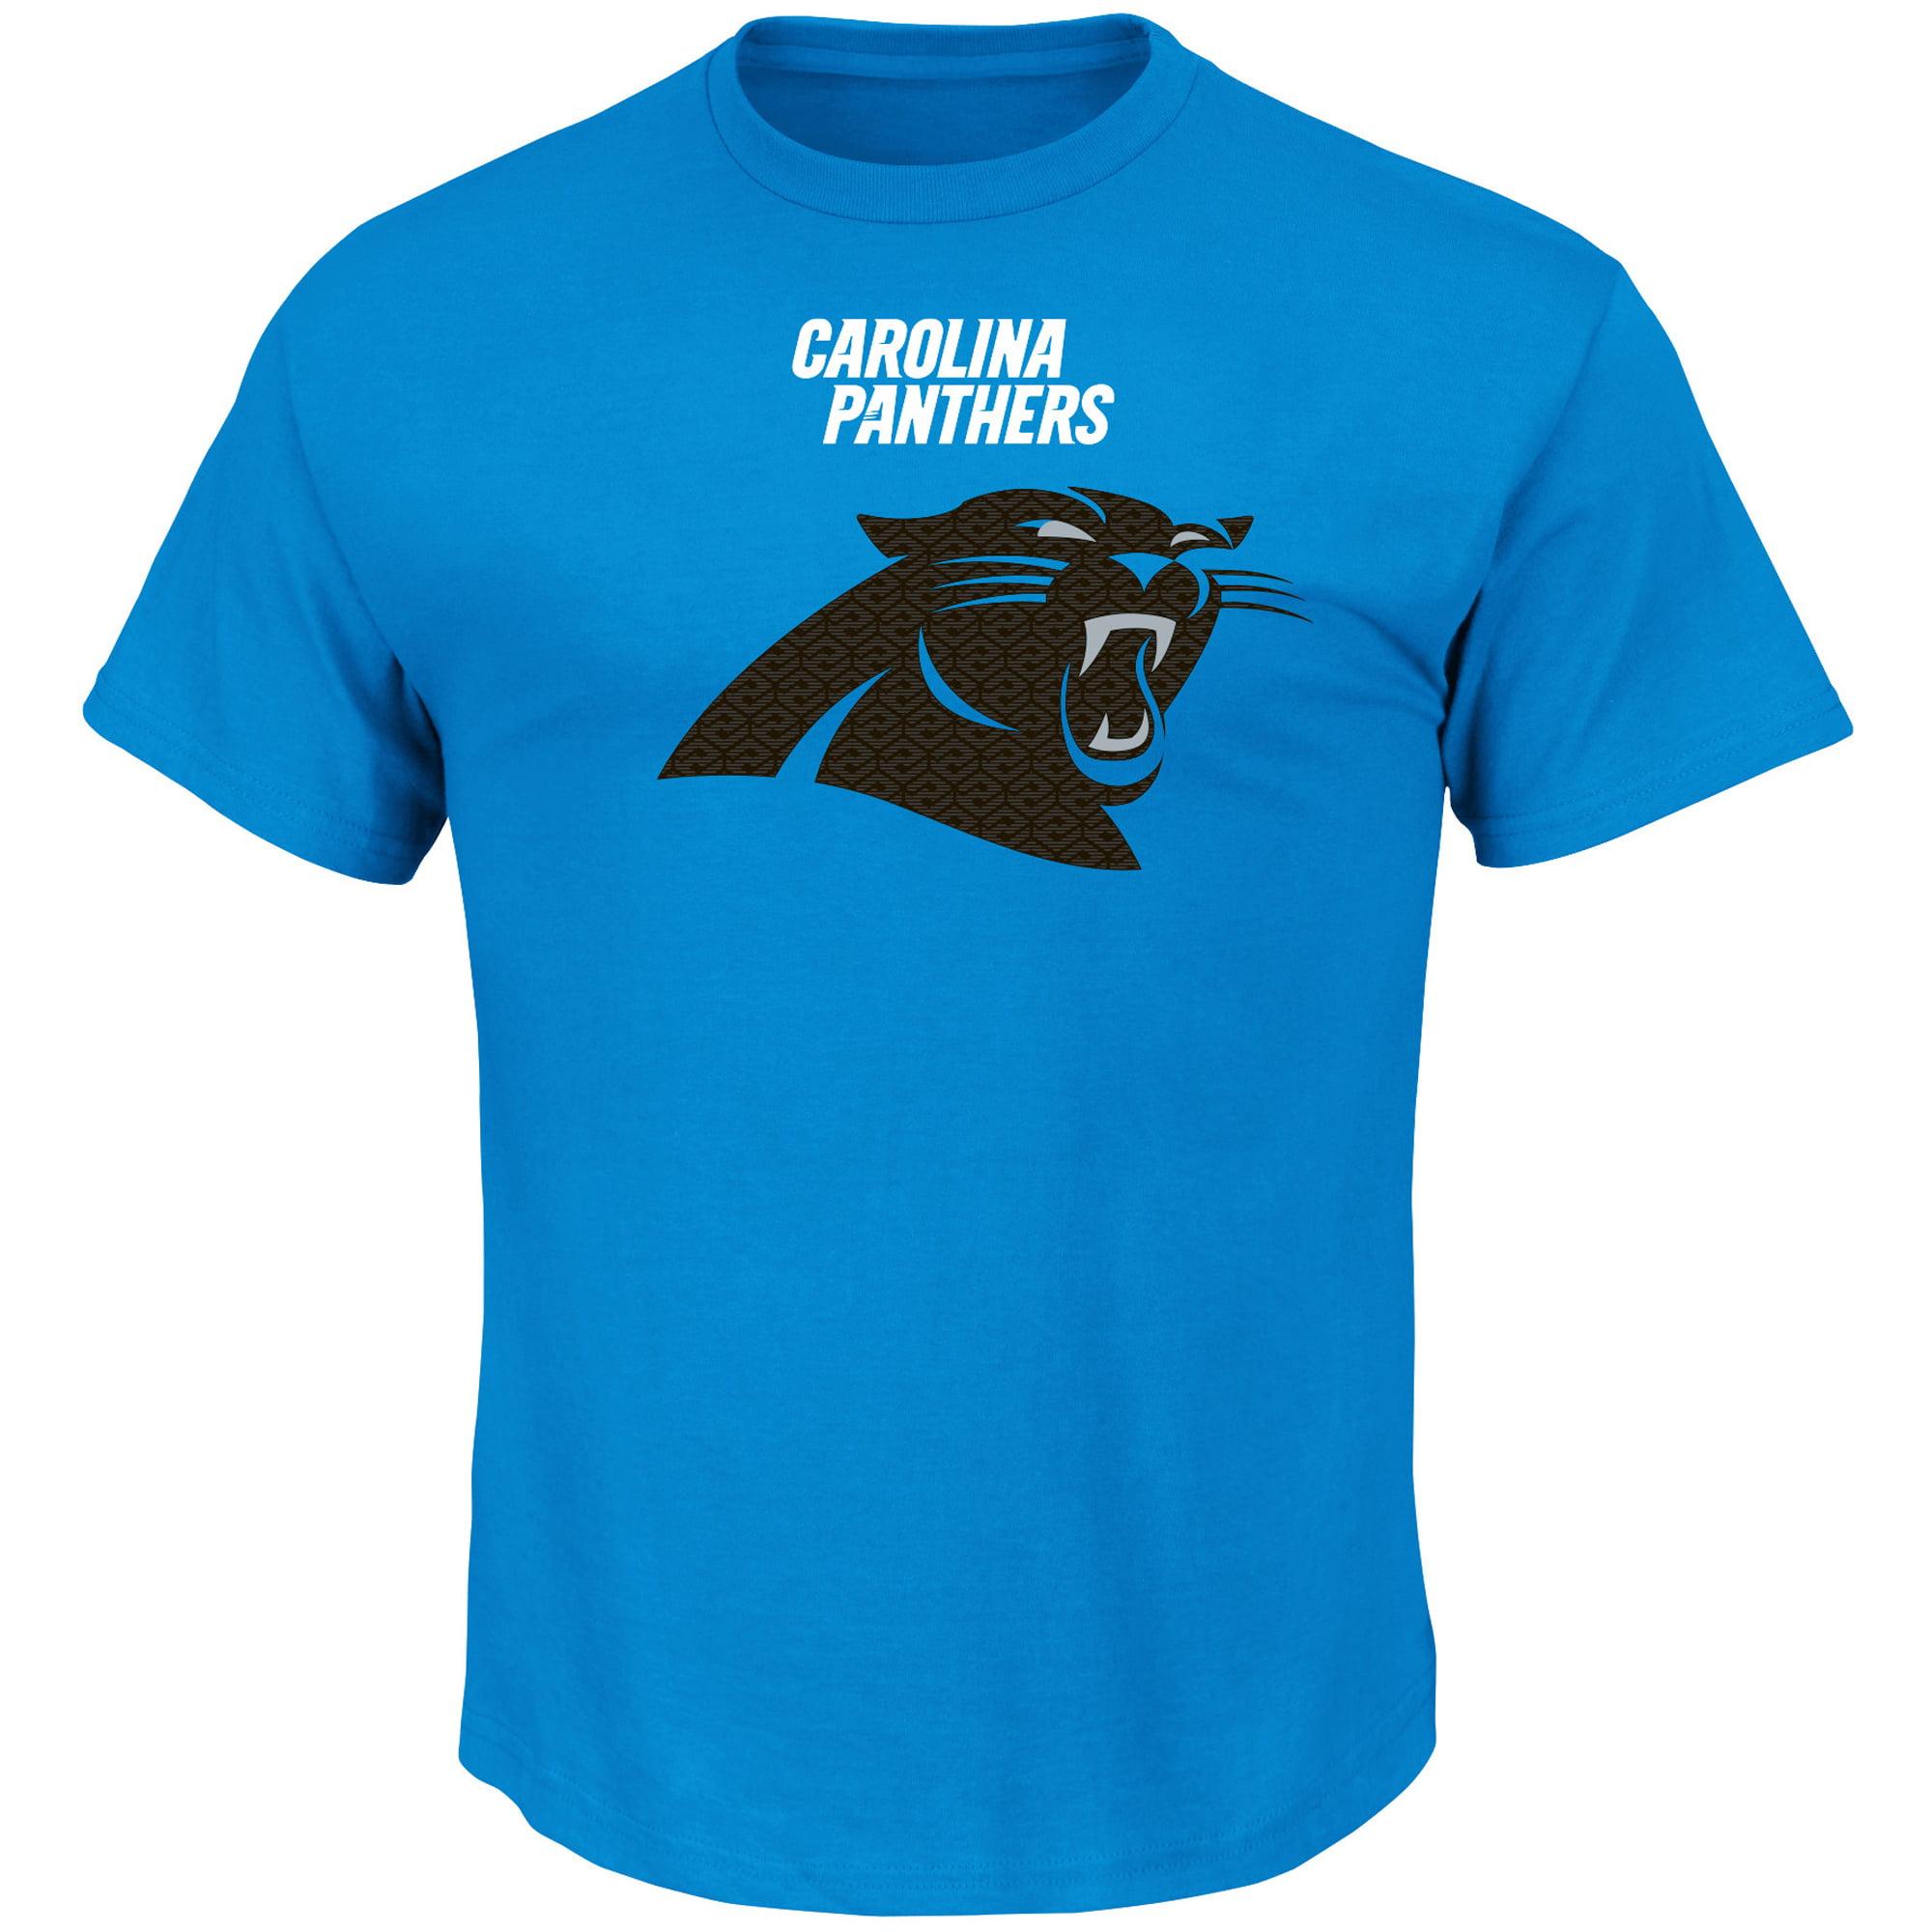 Carolina Panthers Majestic Critical Victory T-Shirt - Blue - L